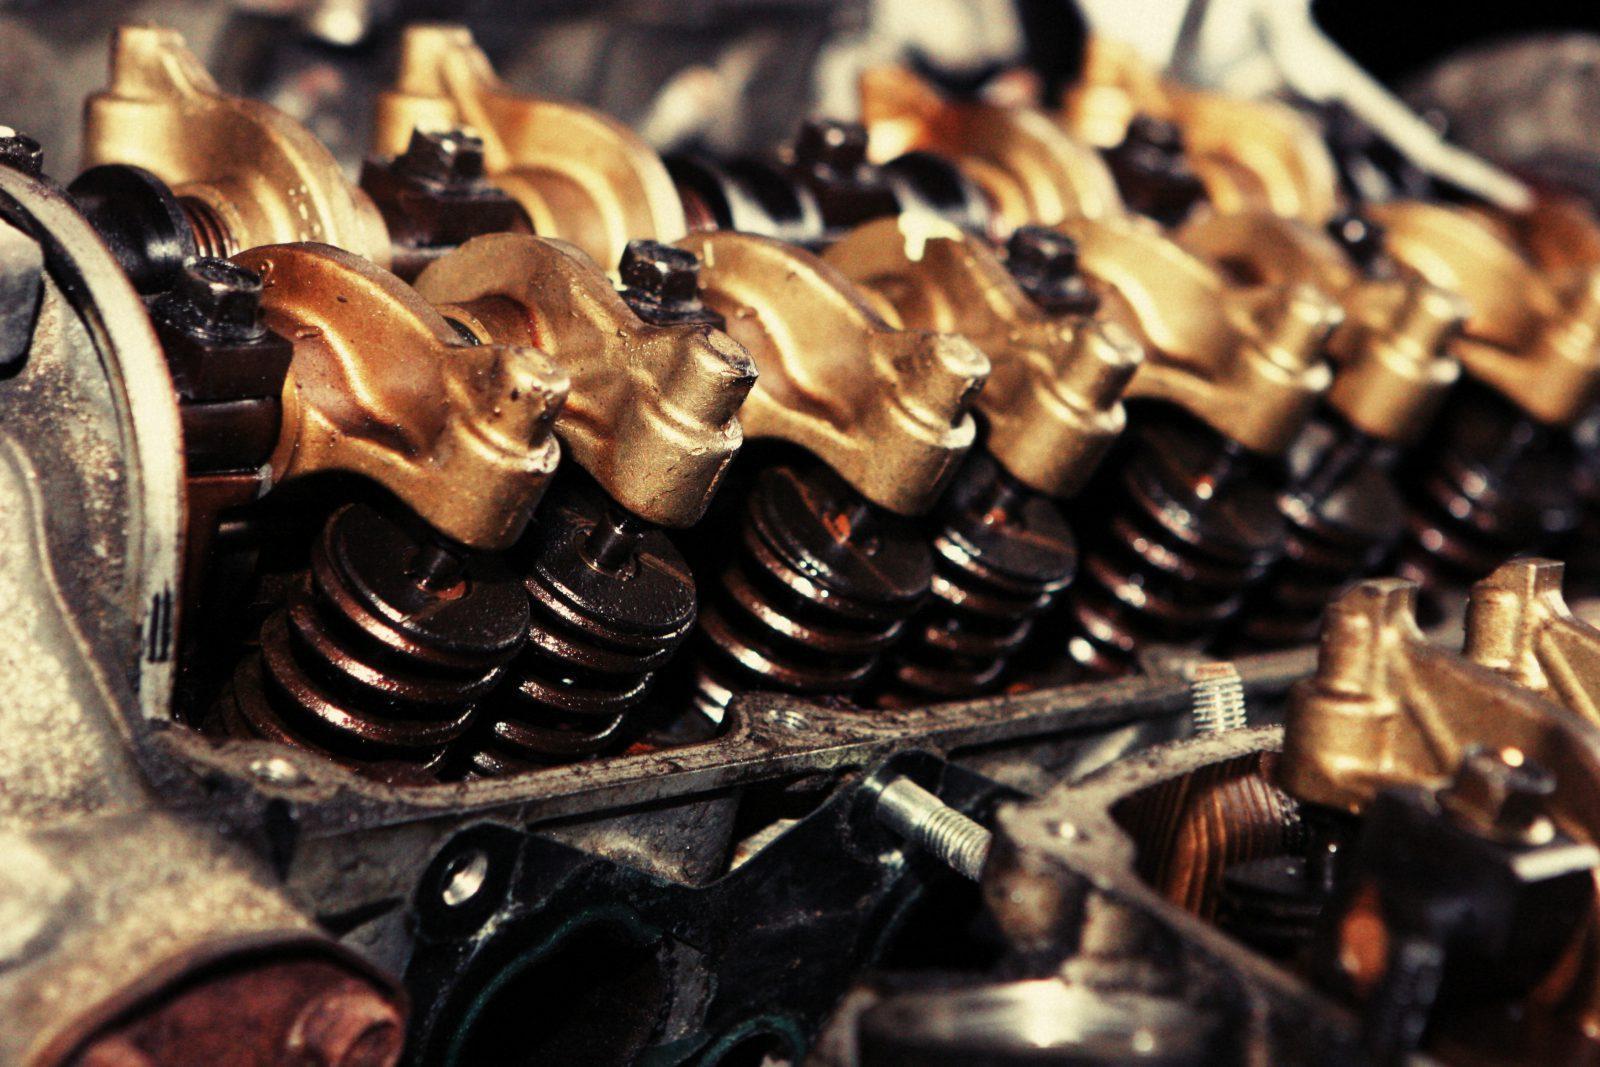 Motor oil brands best performance brands popular oil for Motor oil consumer reports